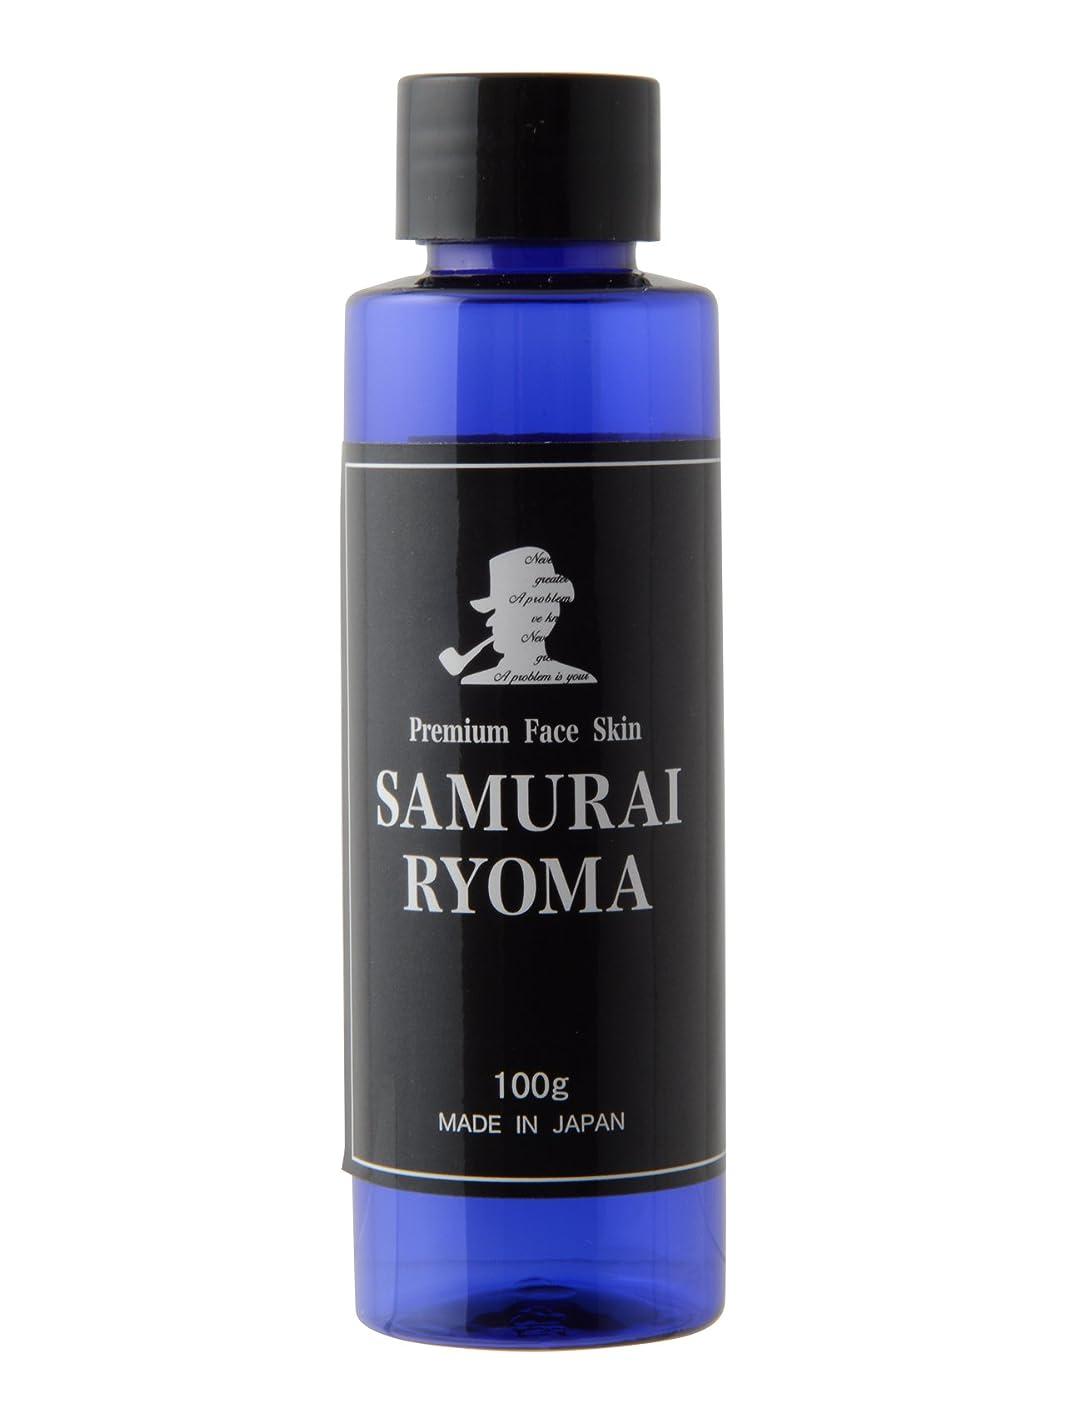 ラブ選択する悲惨サムライ リョウマ (SAMURAI RYOMA) オールインワン 化粧水 & アフターシェーブローション メンズ スキンケア 男性 用